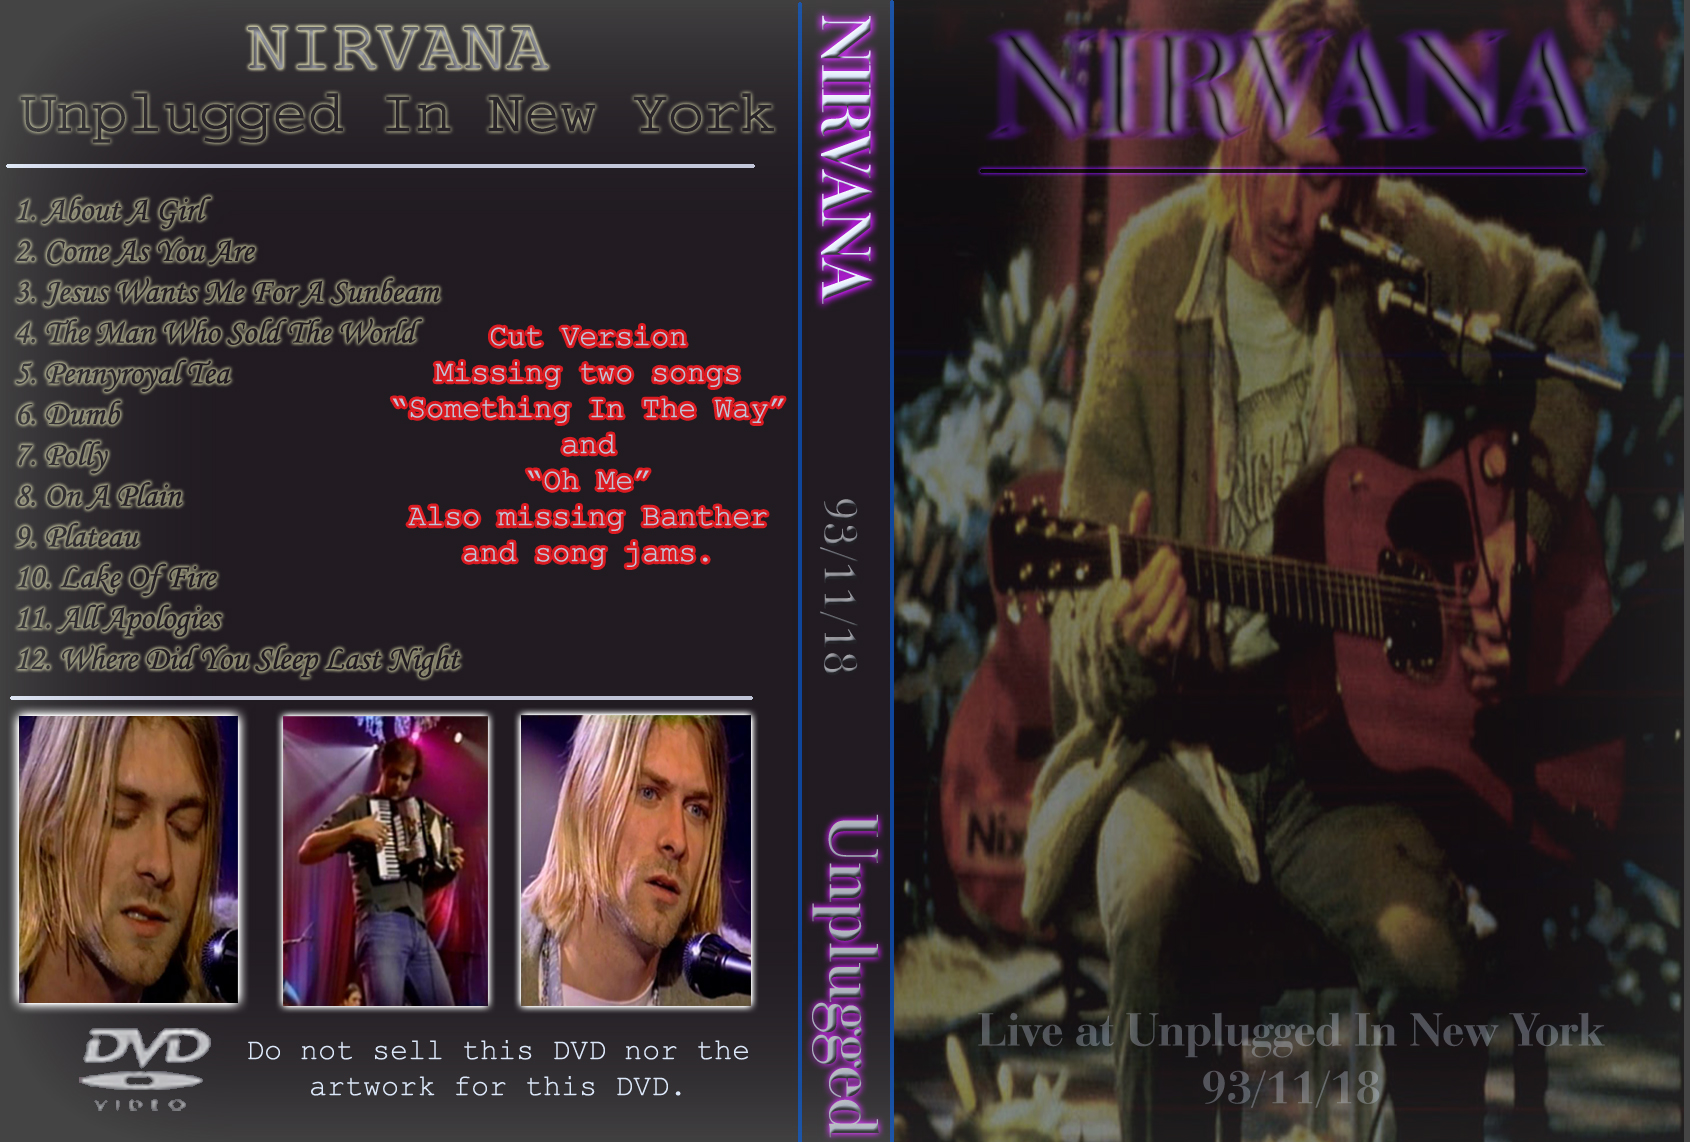 DVD List